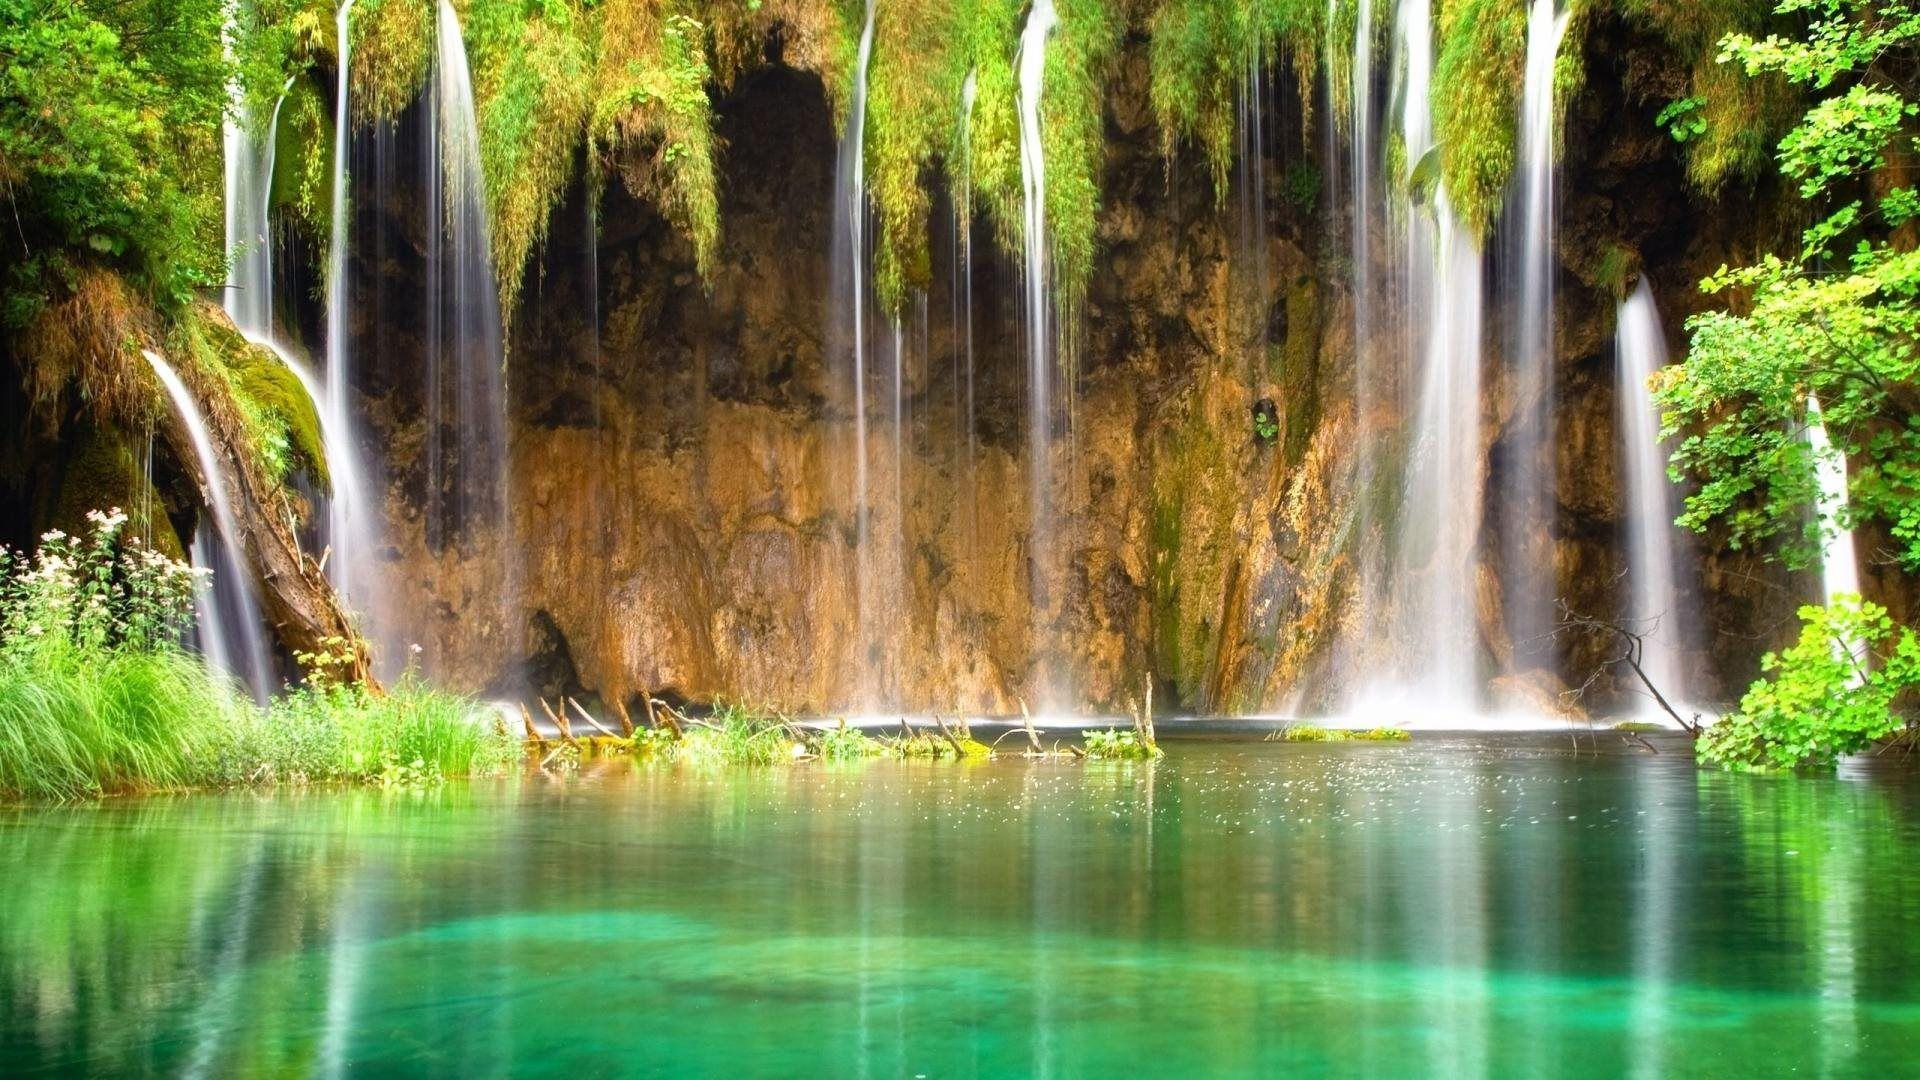 Wallpapers For Your Desktop Waterfalls